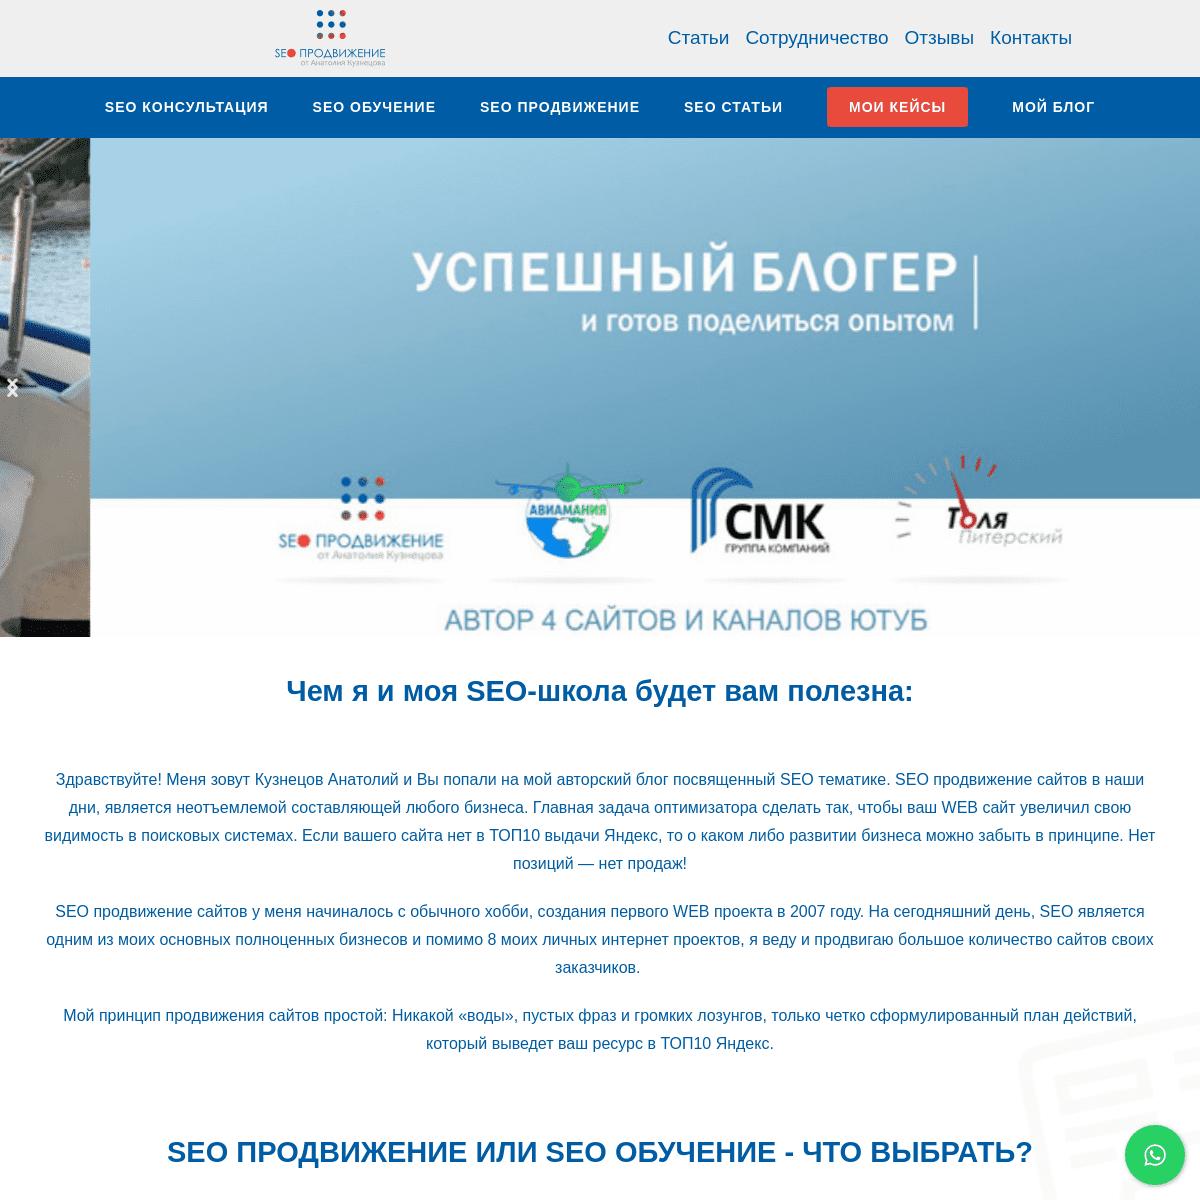 SEO продвижение сайтов - Уверенный выход в ТОП 10